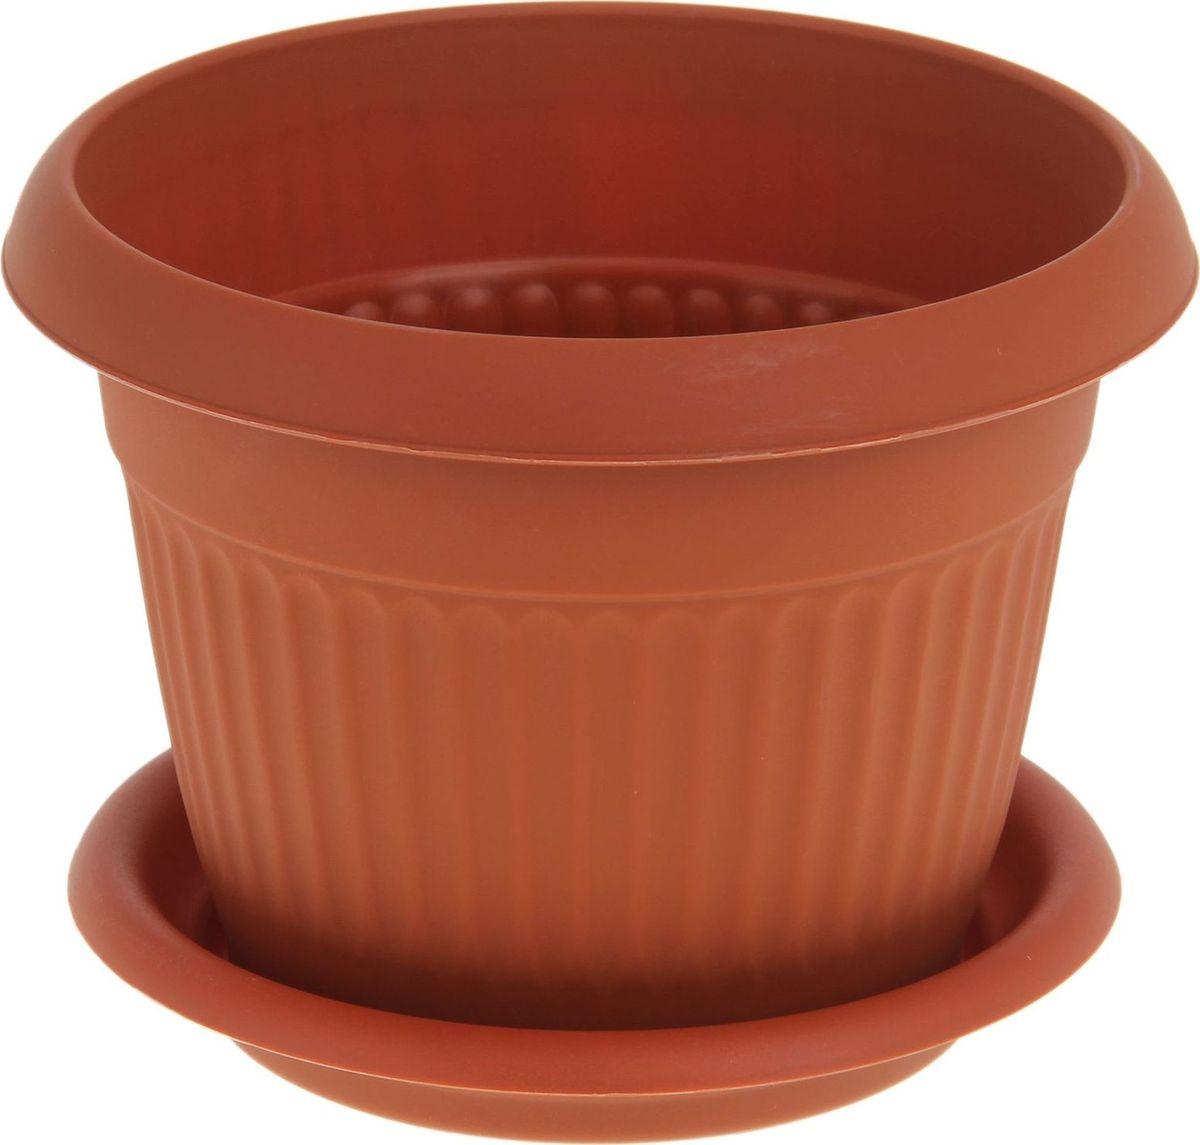 Кашпо Idea Ливия, с поддоном, цвет: терракотовый, 4,6 лZ-0307Кашпо Idea Ливия изготовлено из прочного полипропилена (пластика) и предназначено для выращивания растений, цветов и трав в домашних условиях. Круглый поддон обеспечивает сток воды. Такое кашпо порадует вас функциональностью, а благодаря лаконичному дизайну впишется в любой интерьер помещения. Диаметр кашпо по верхнему краю: 24 см. Объем кашпо: 4,6 л.